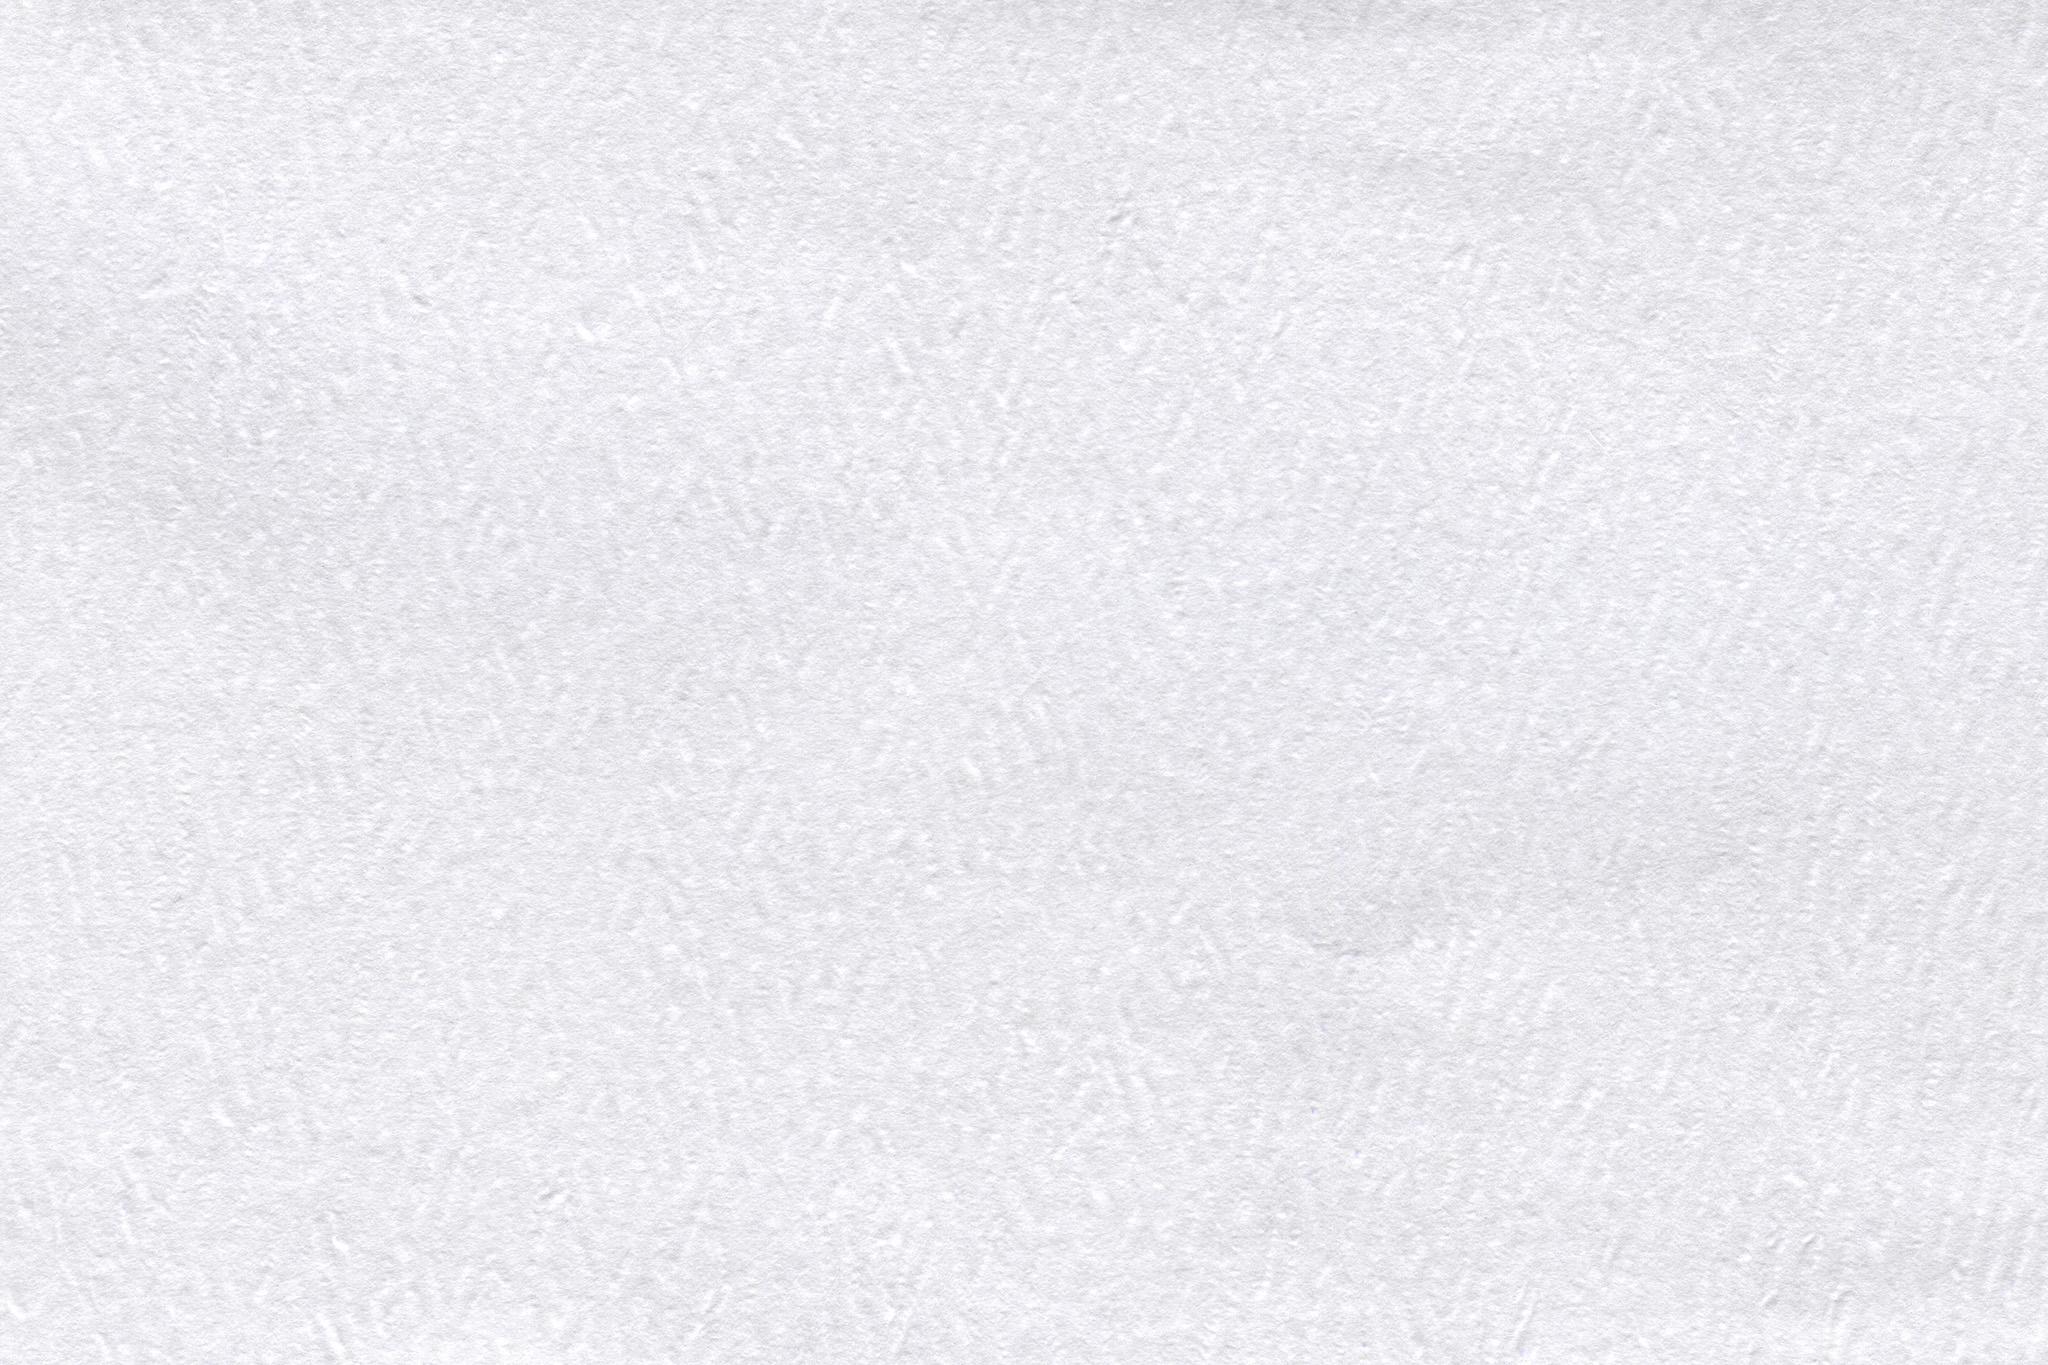 「白い和紙のテクスチャ素材」